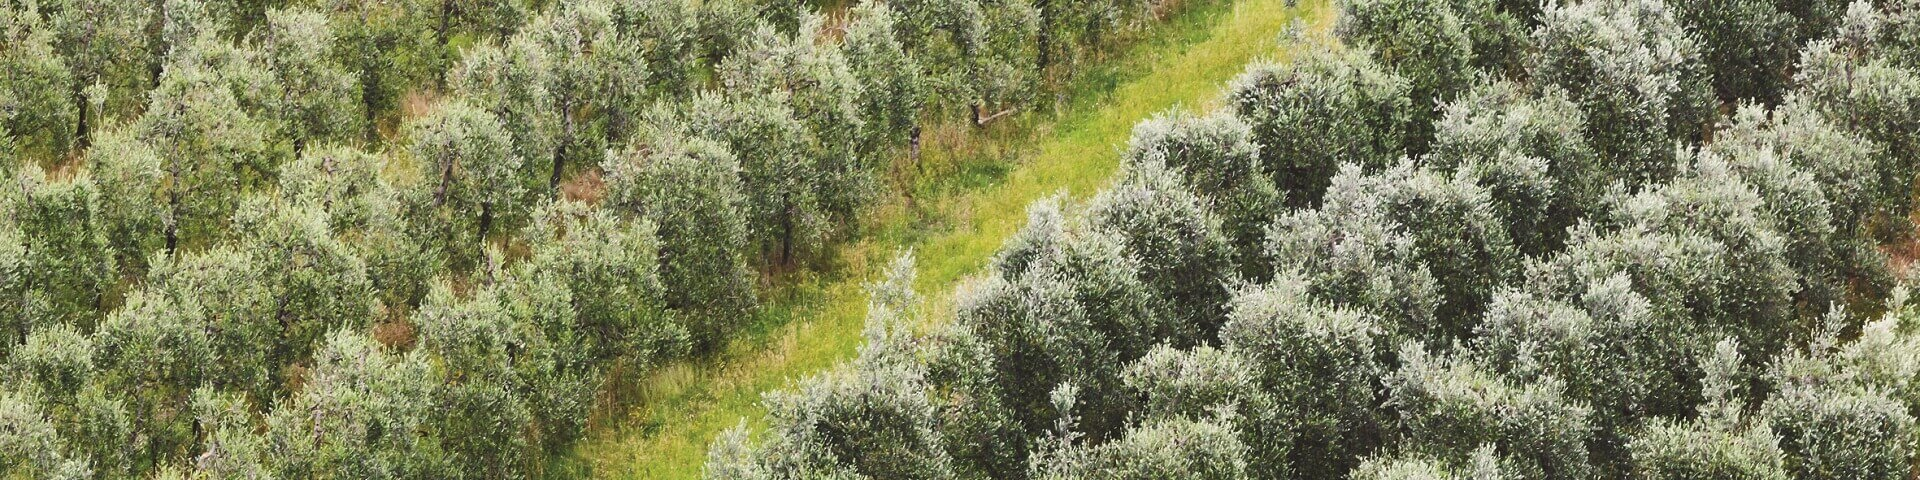 Olive farm 1920x480